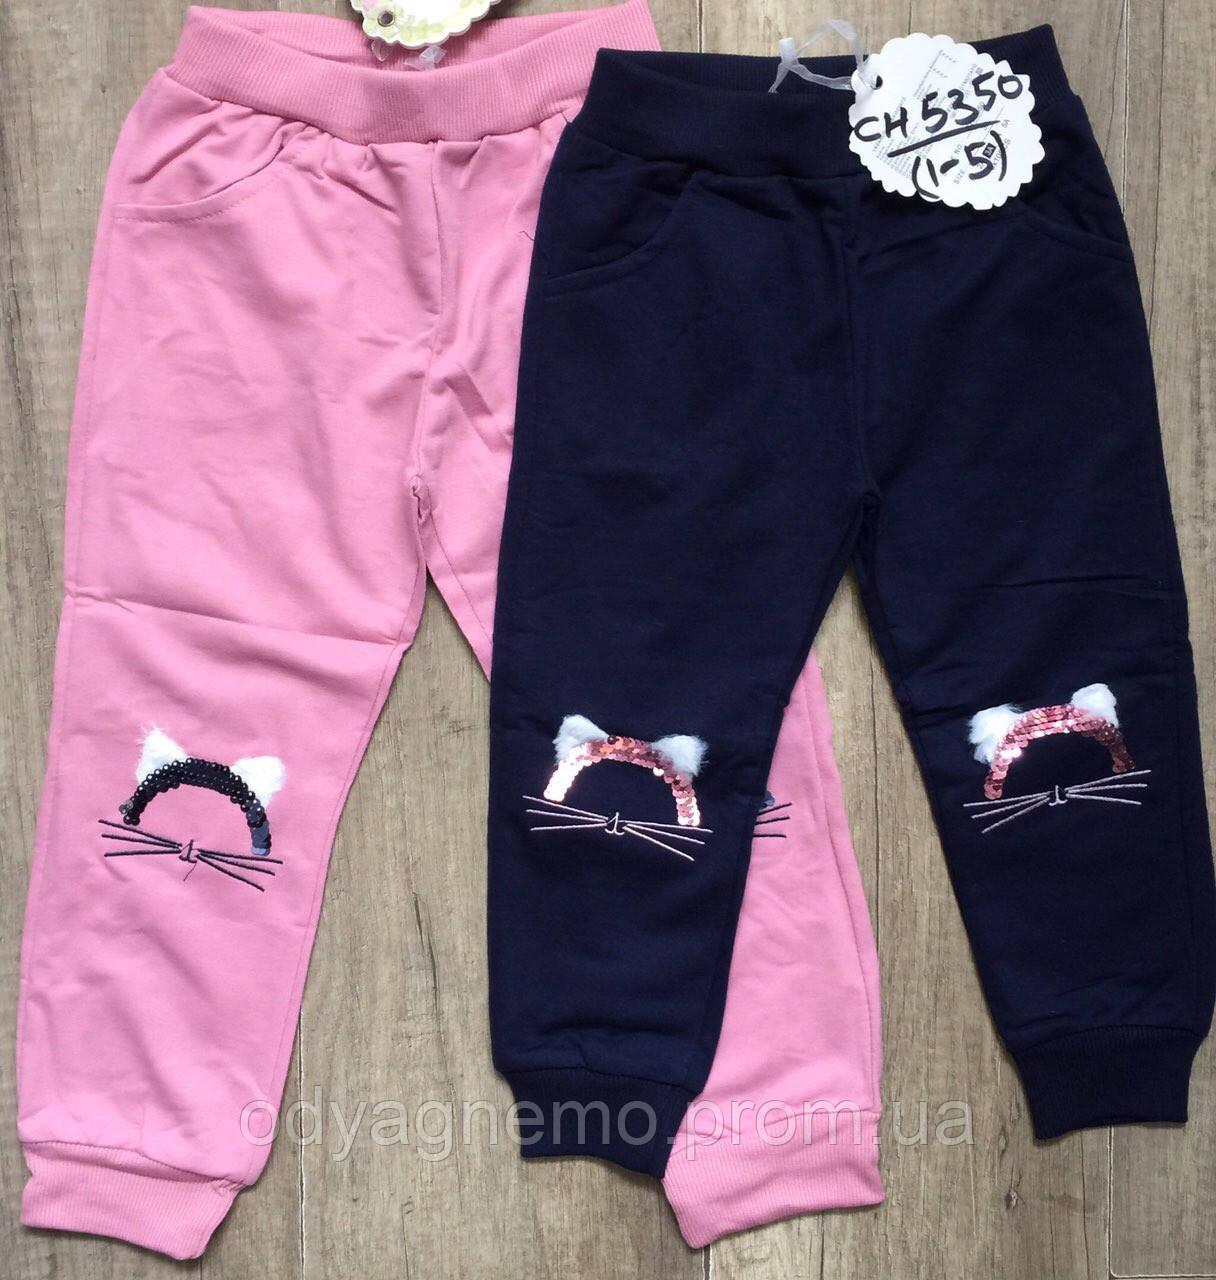 Спортивные брюки для девочек S&D оптом, 1-5 лет.